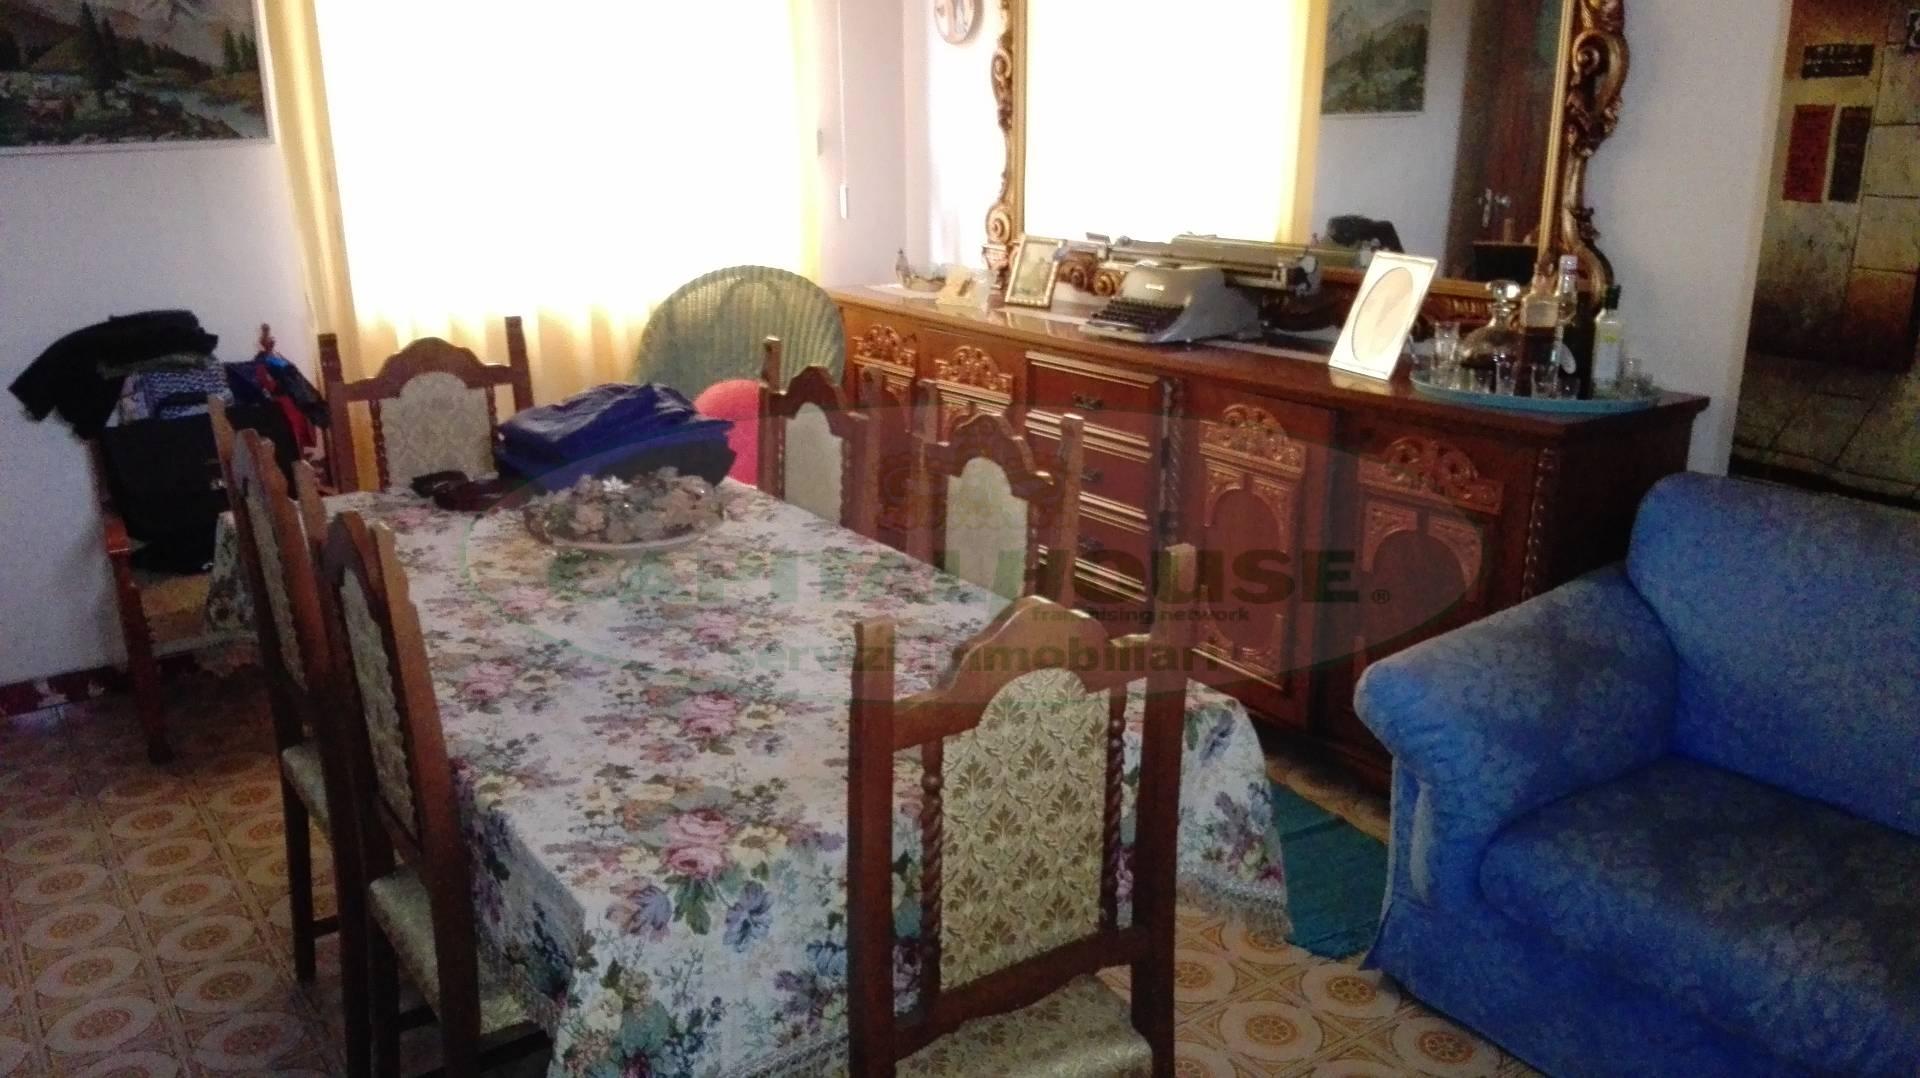 Appartamento in affitto a Macerata Campania, 3 locali, zona Zona: Caturano, prezzo € 280 | Cambio Casa.it